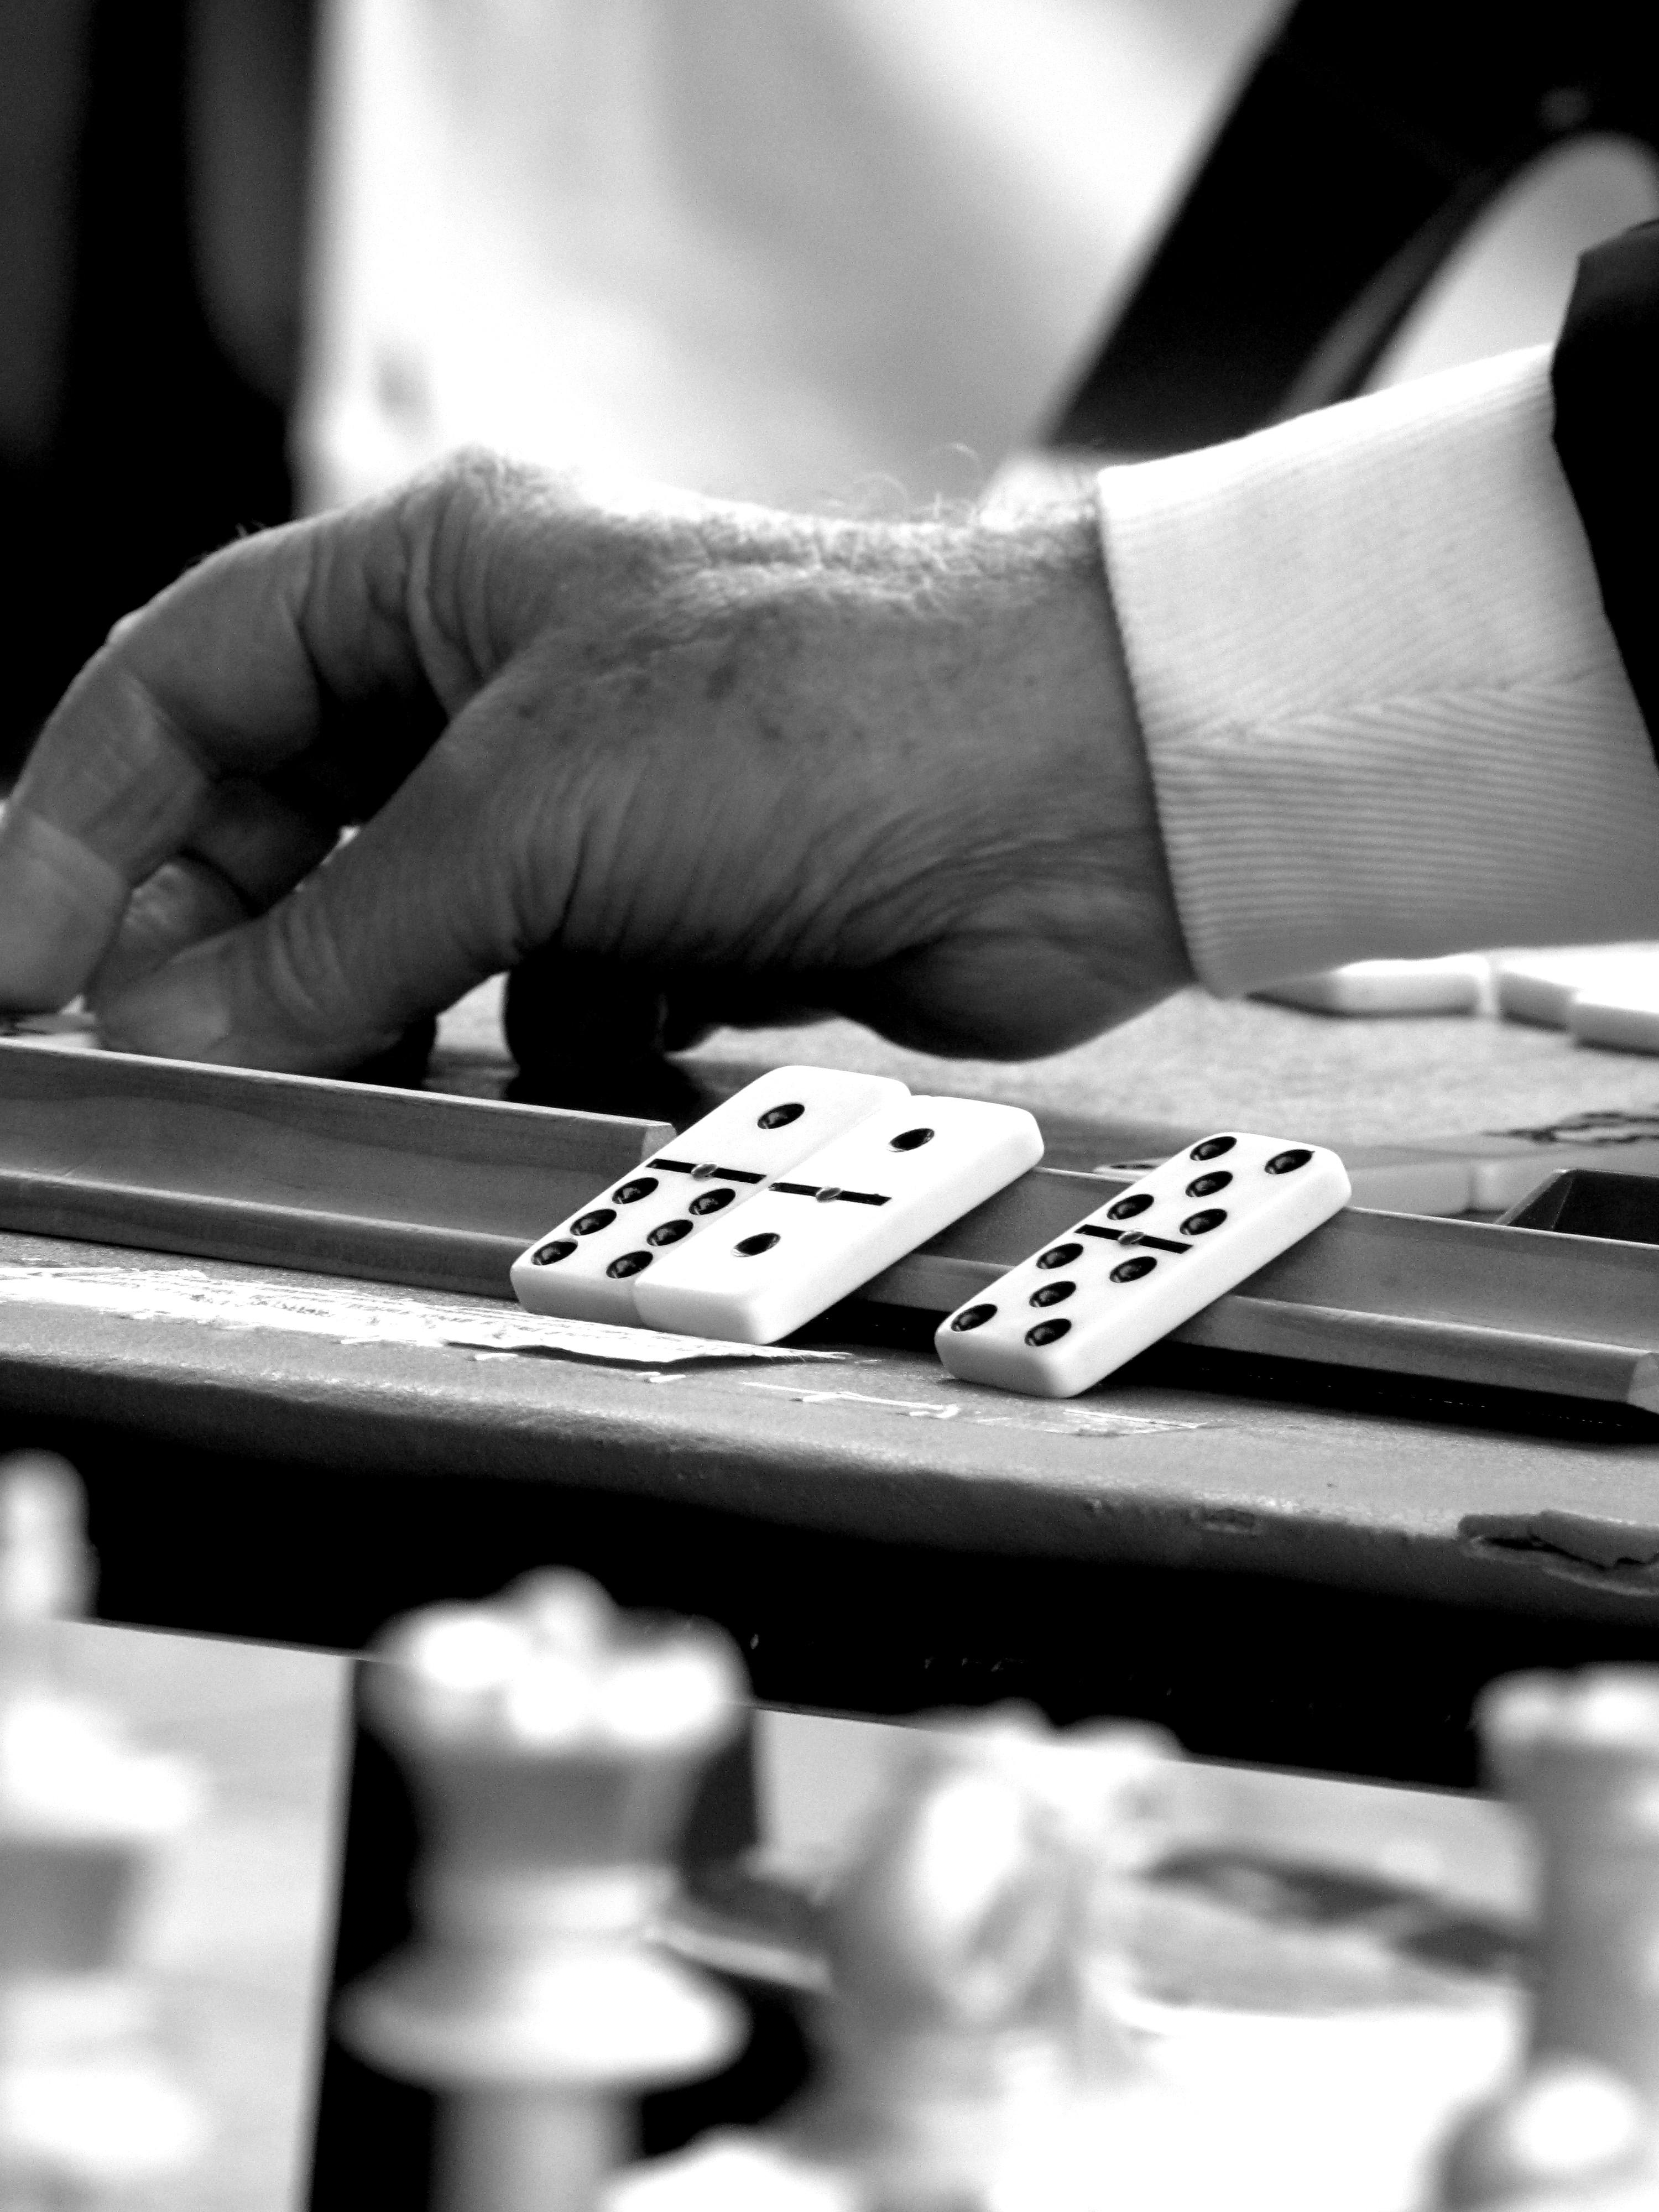 официальный сайт азарт плей казино бездепозитный